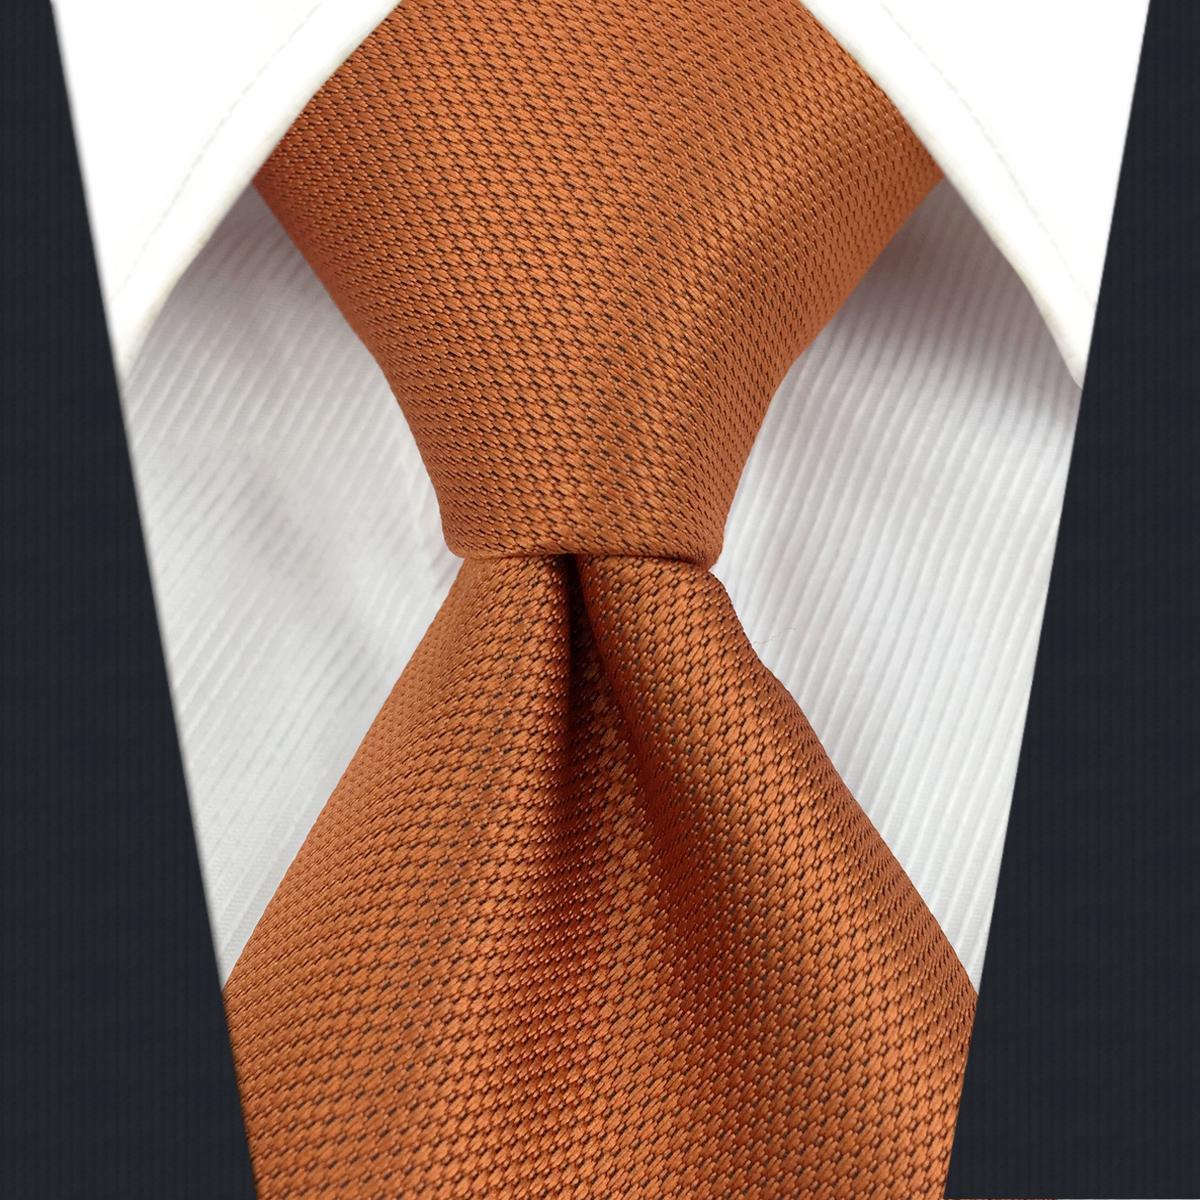 C16 Твердые оранжевые шелковые мужские галстуки галстуки мода Свадебные асмены Новые удлиненные галстуки для мужчин